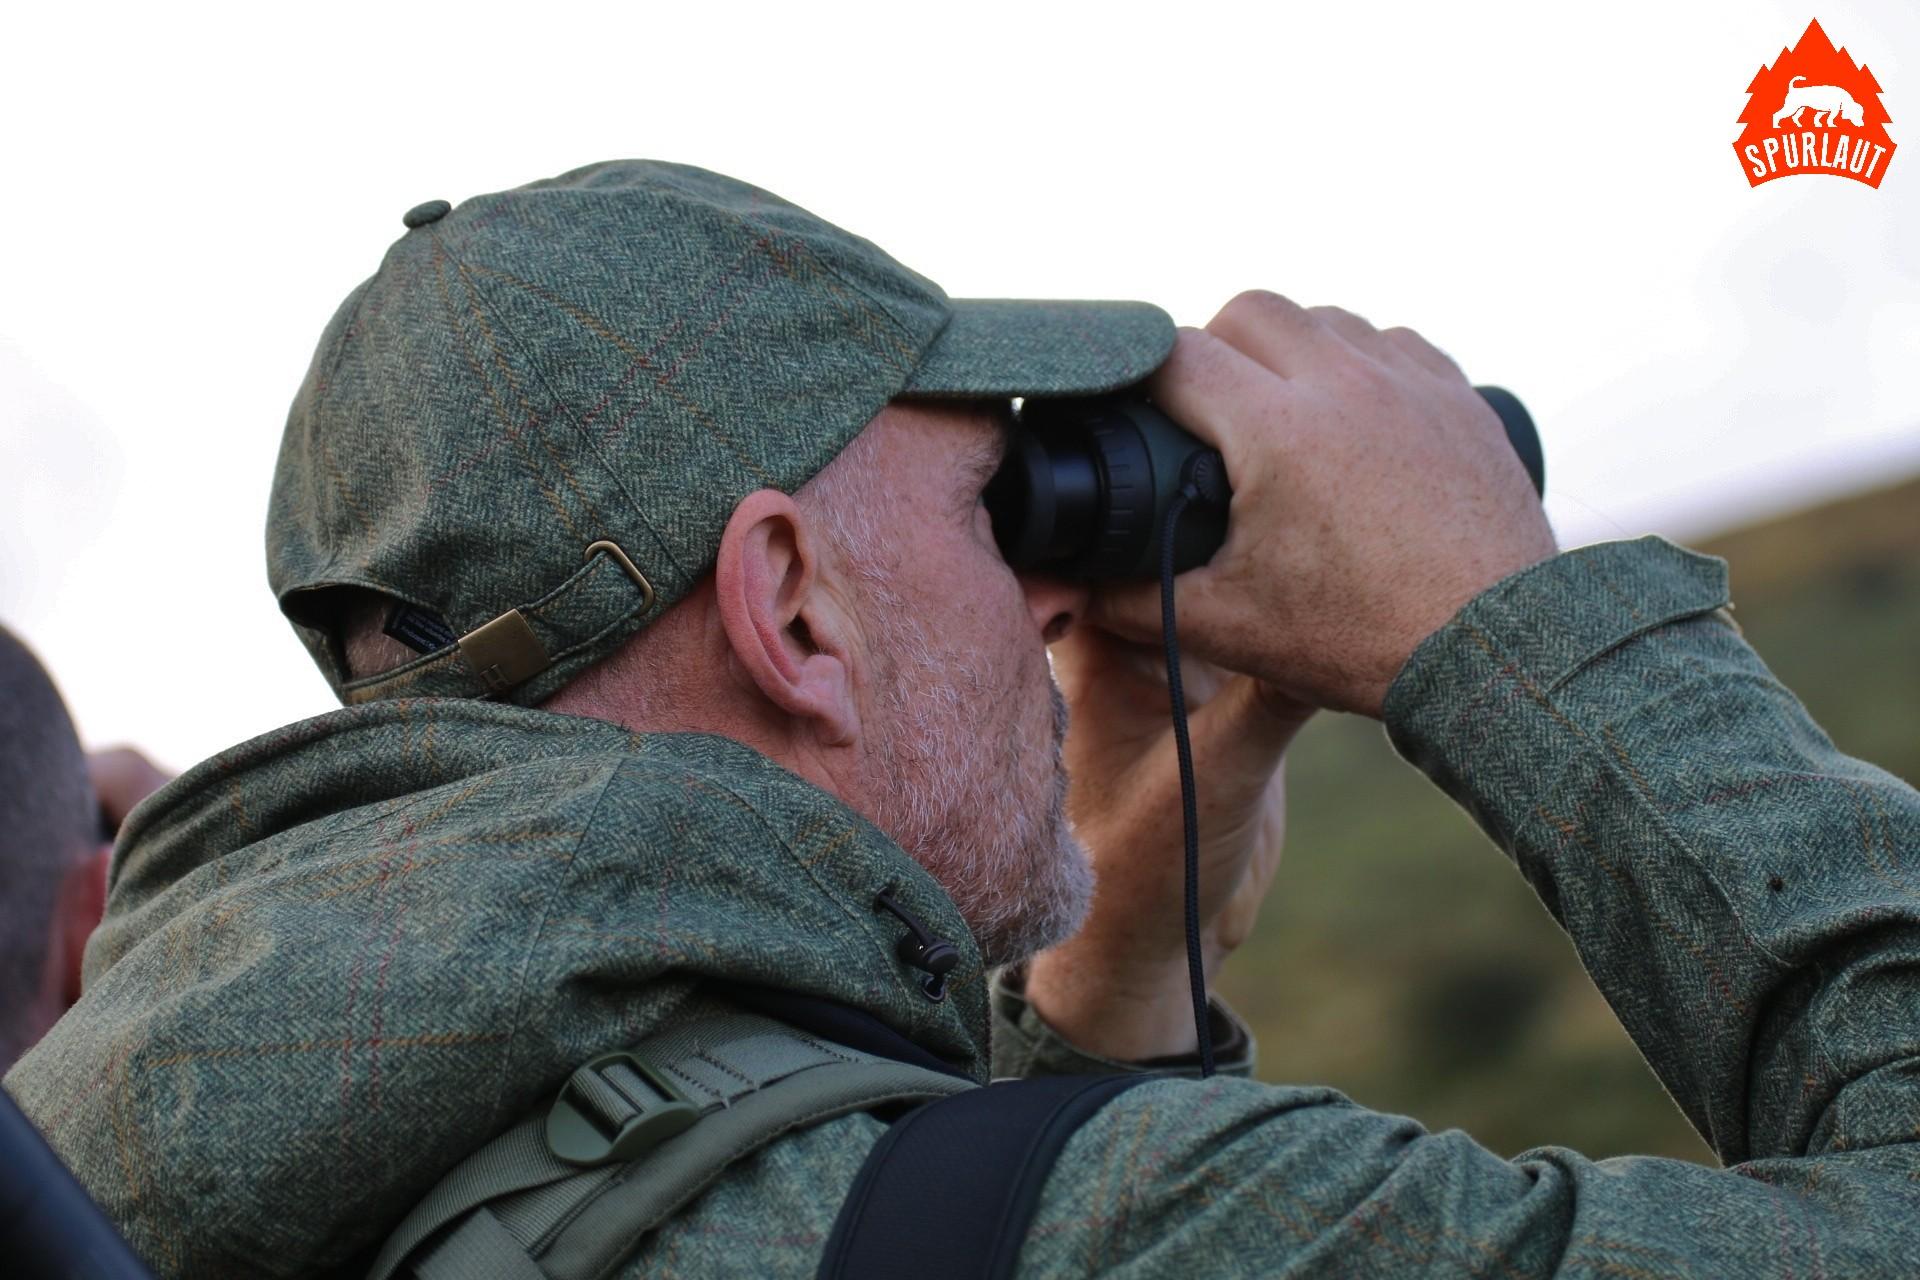 Der Entfernungsmesser im Fernglas erleichtert die Jagd in fremden Revieren